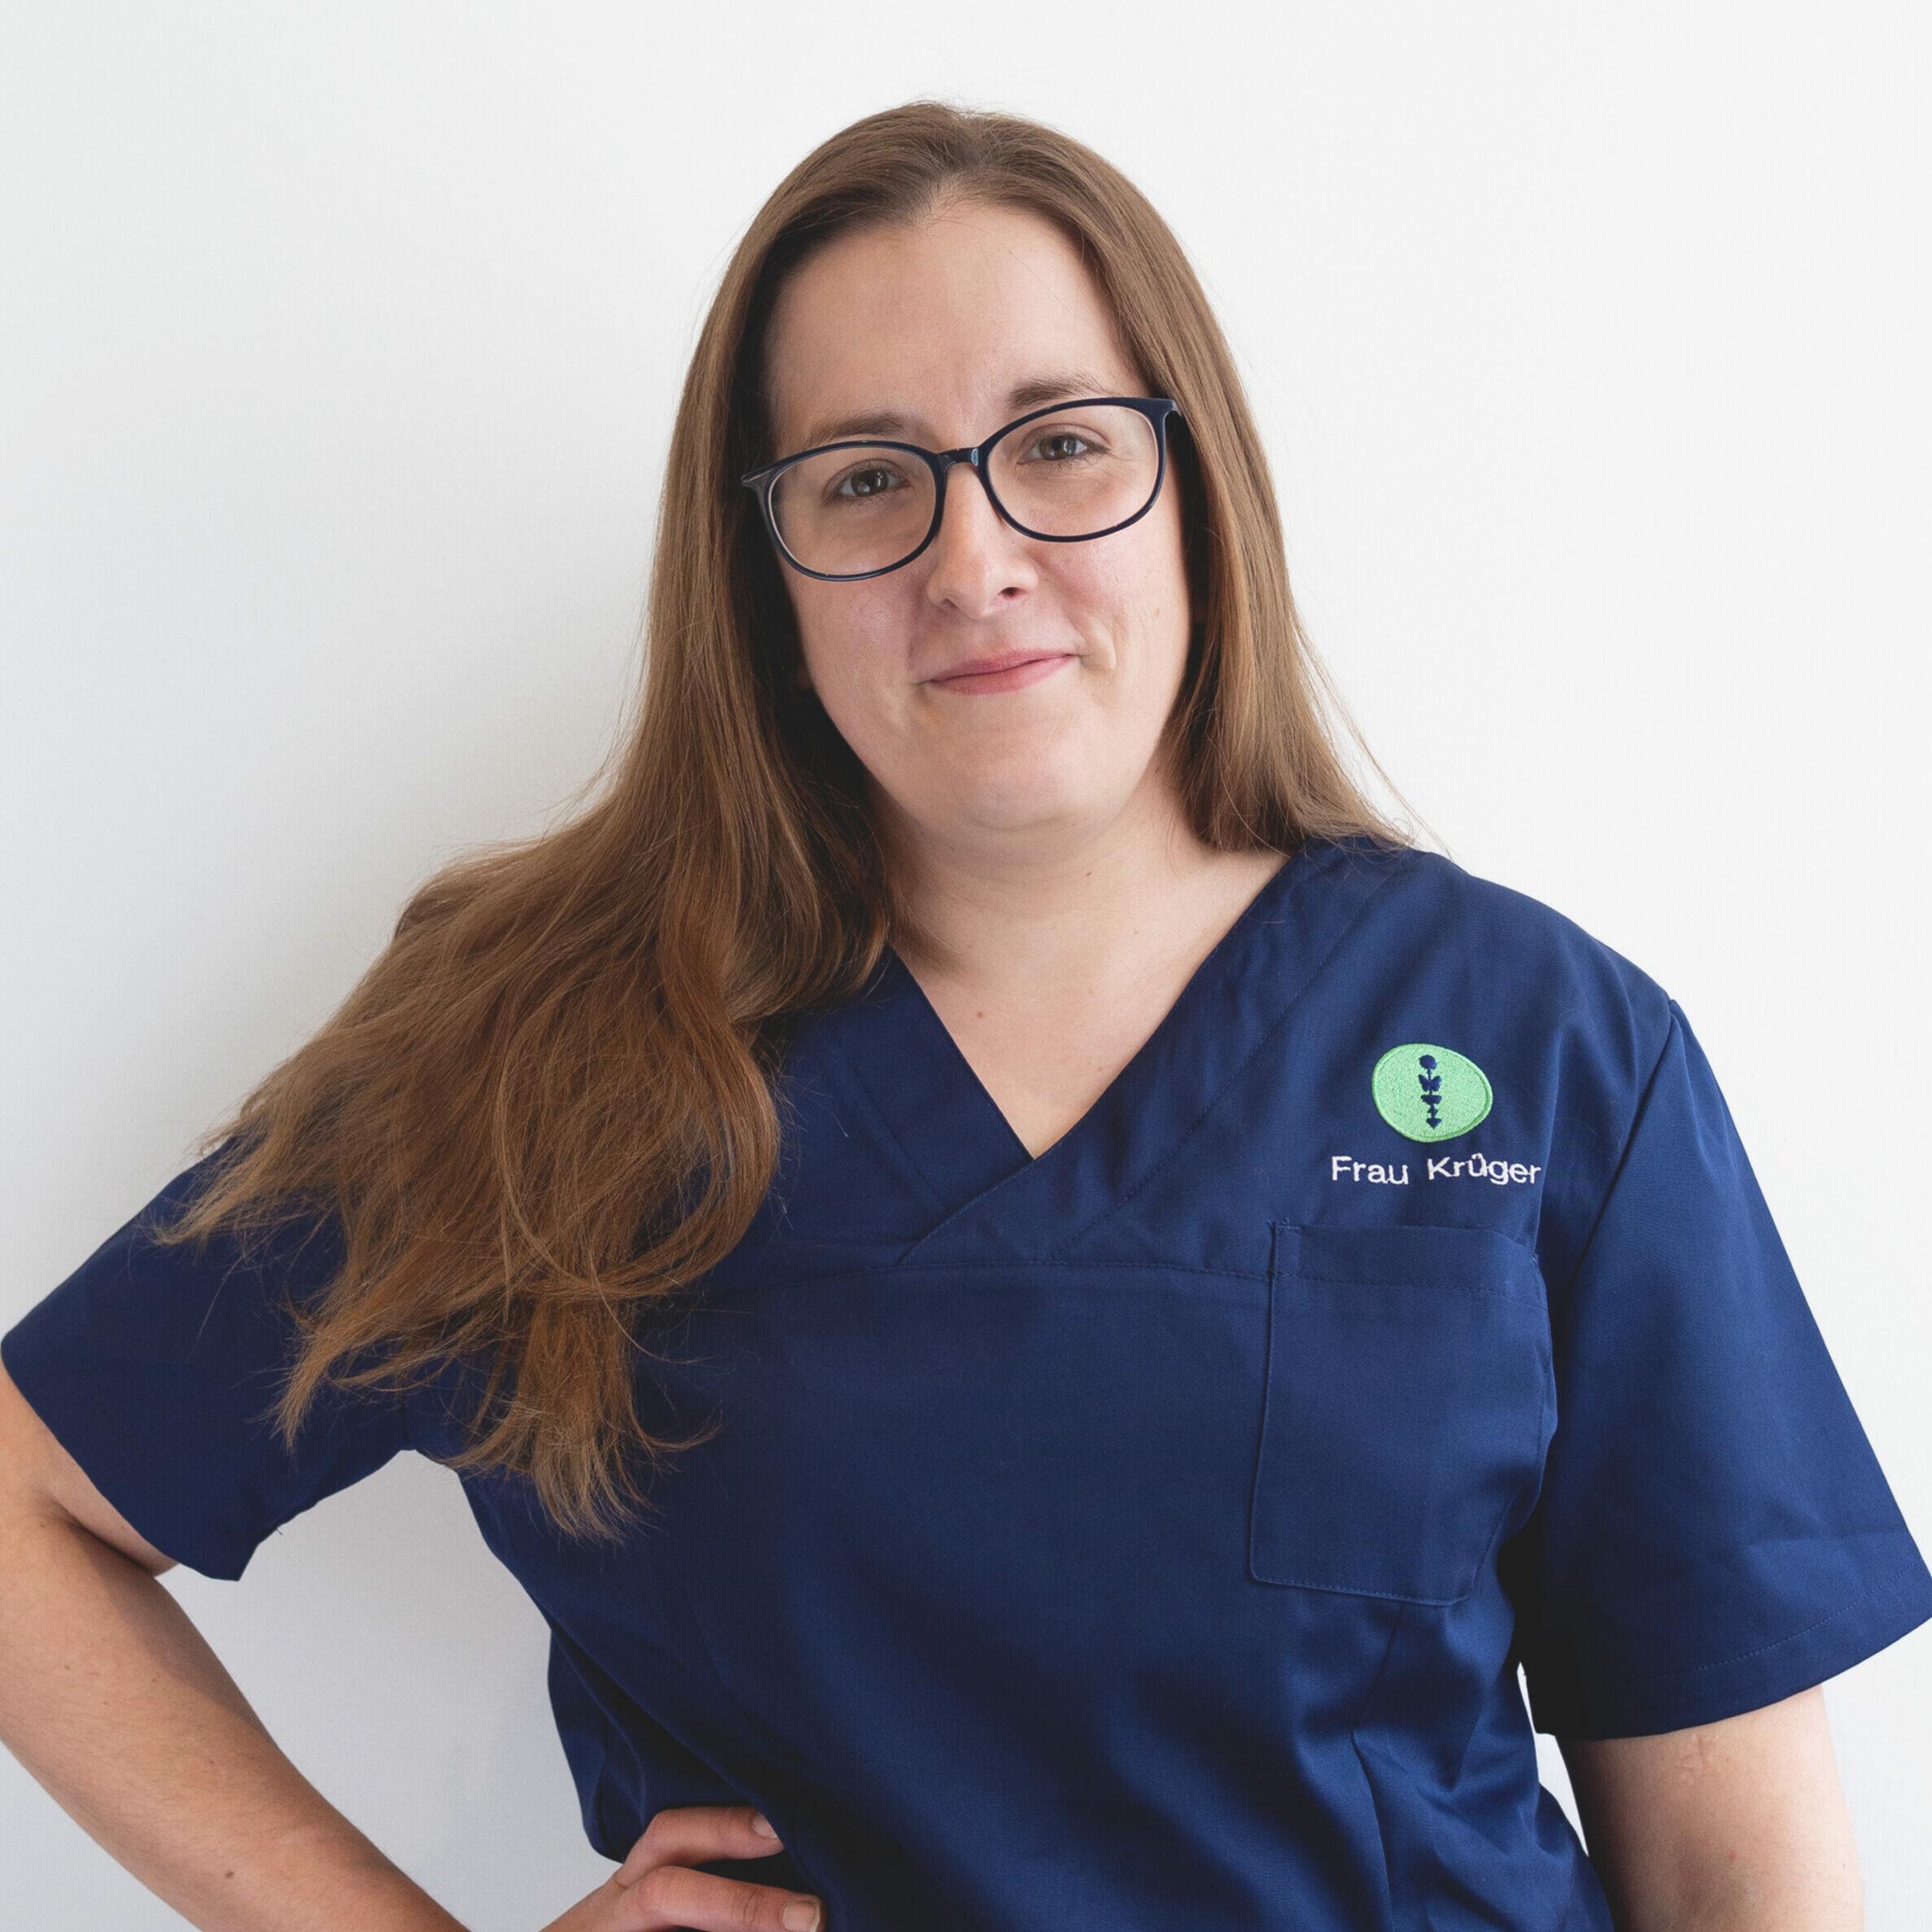 Das Foto zeigt Frau Krüger, Praxis Managerin des Endomedicum in Düsseldorf